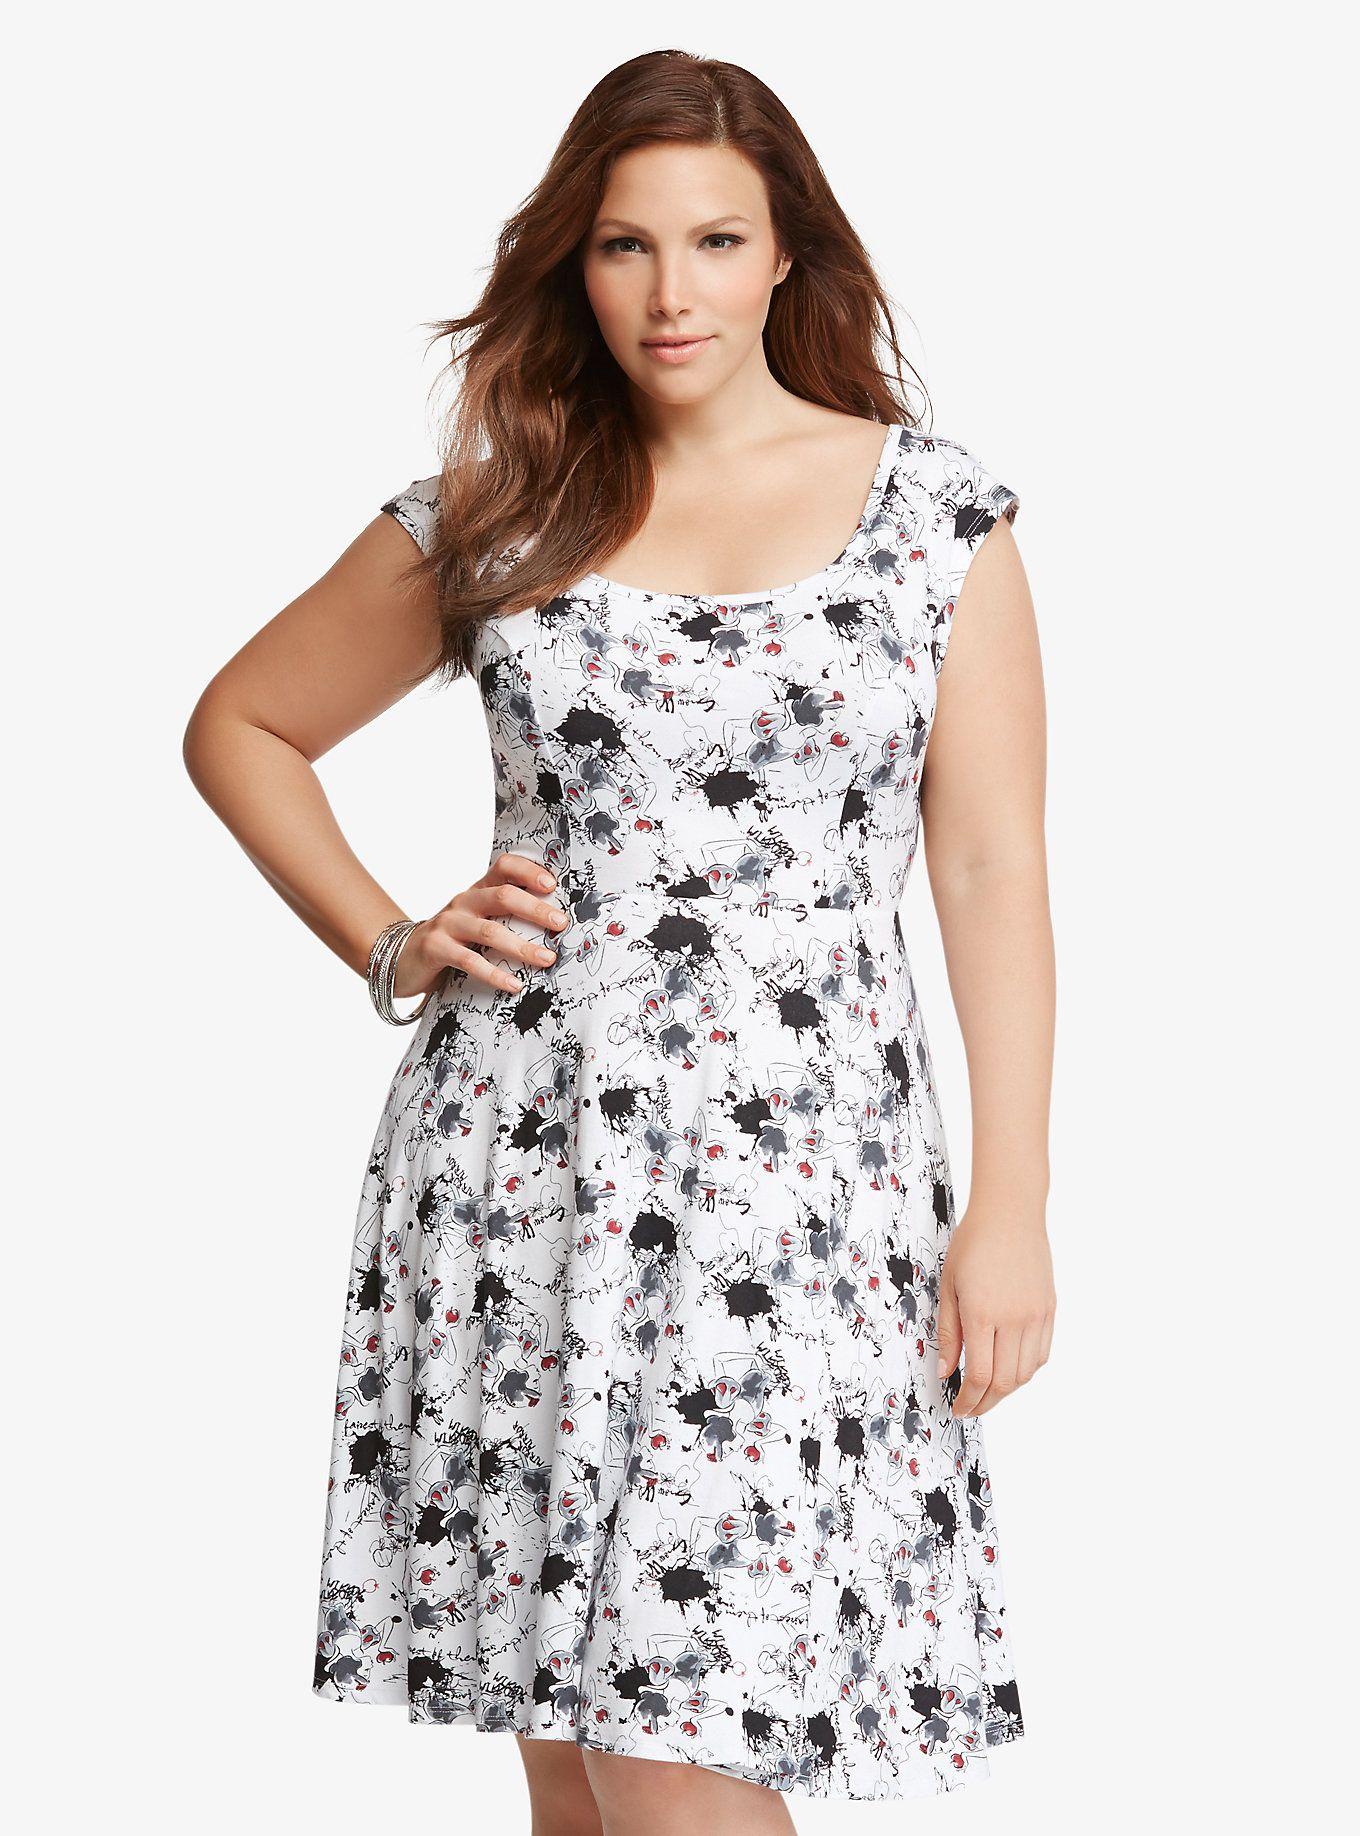 Dress size 24 torrid dress 24 torrid black and white draped v neck - Disney Snow White Print Skater Dress Torrid